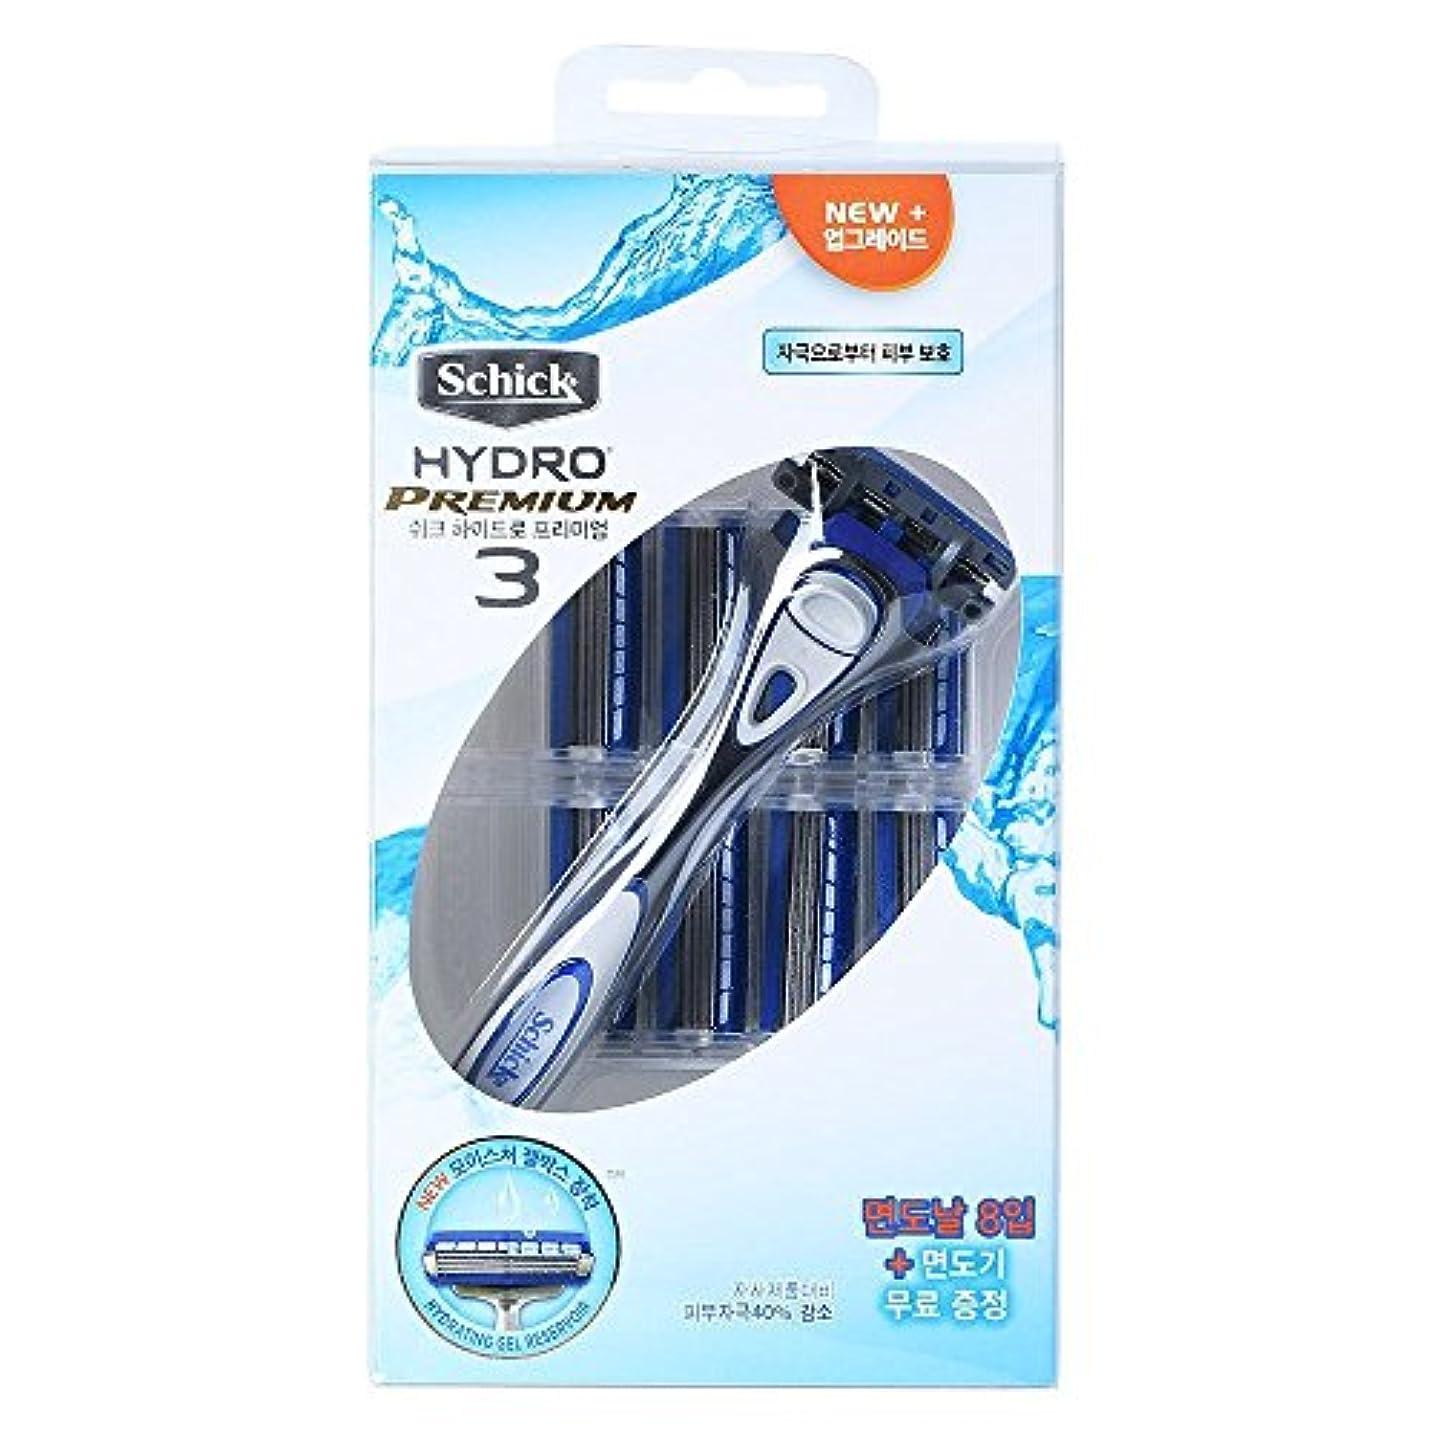 血まみれのまさにでSchick HYDRO 3 Premium Shaving 1つの剃刀と9つのカートリッジリフィル [並行輸入品]